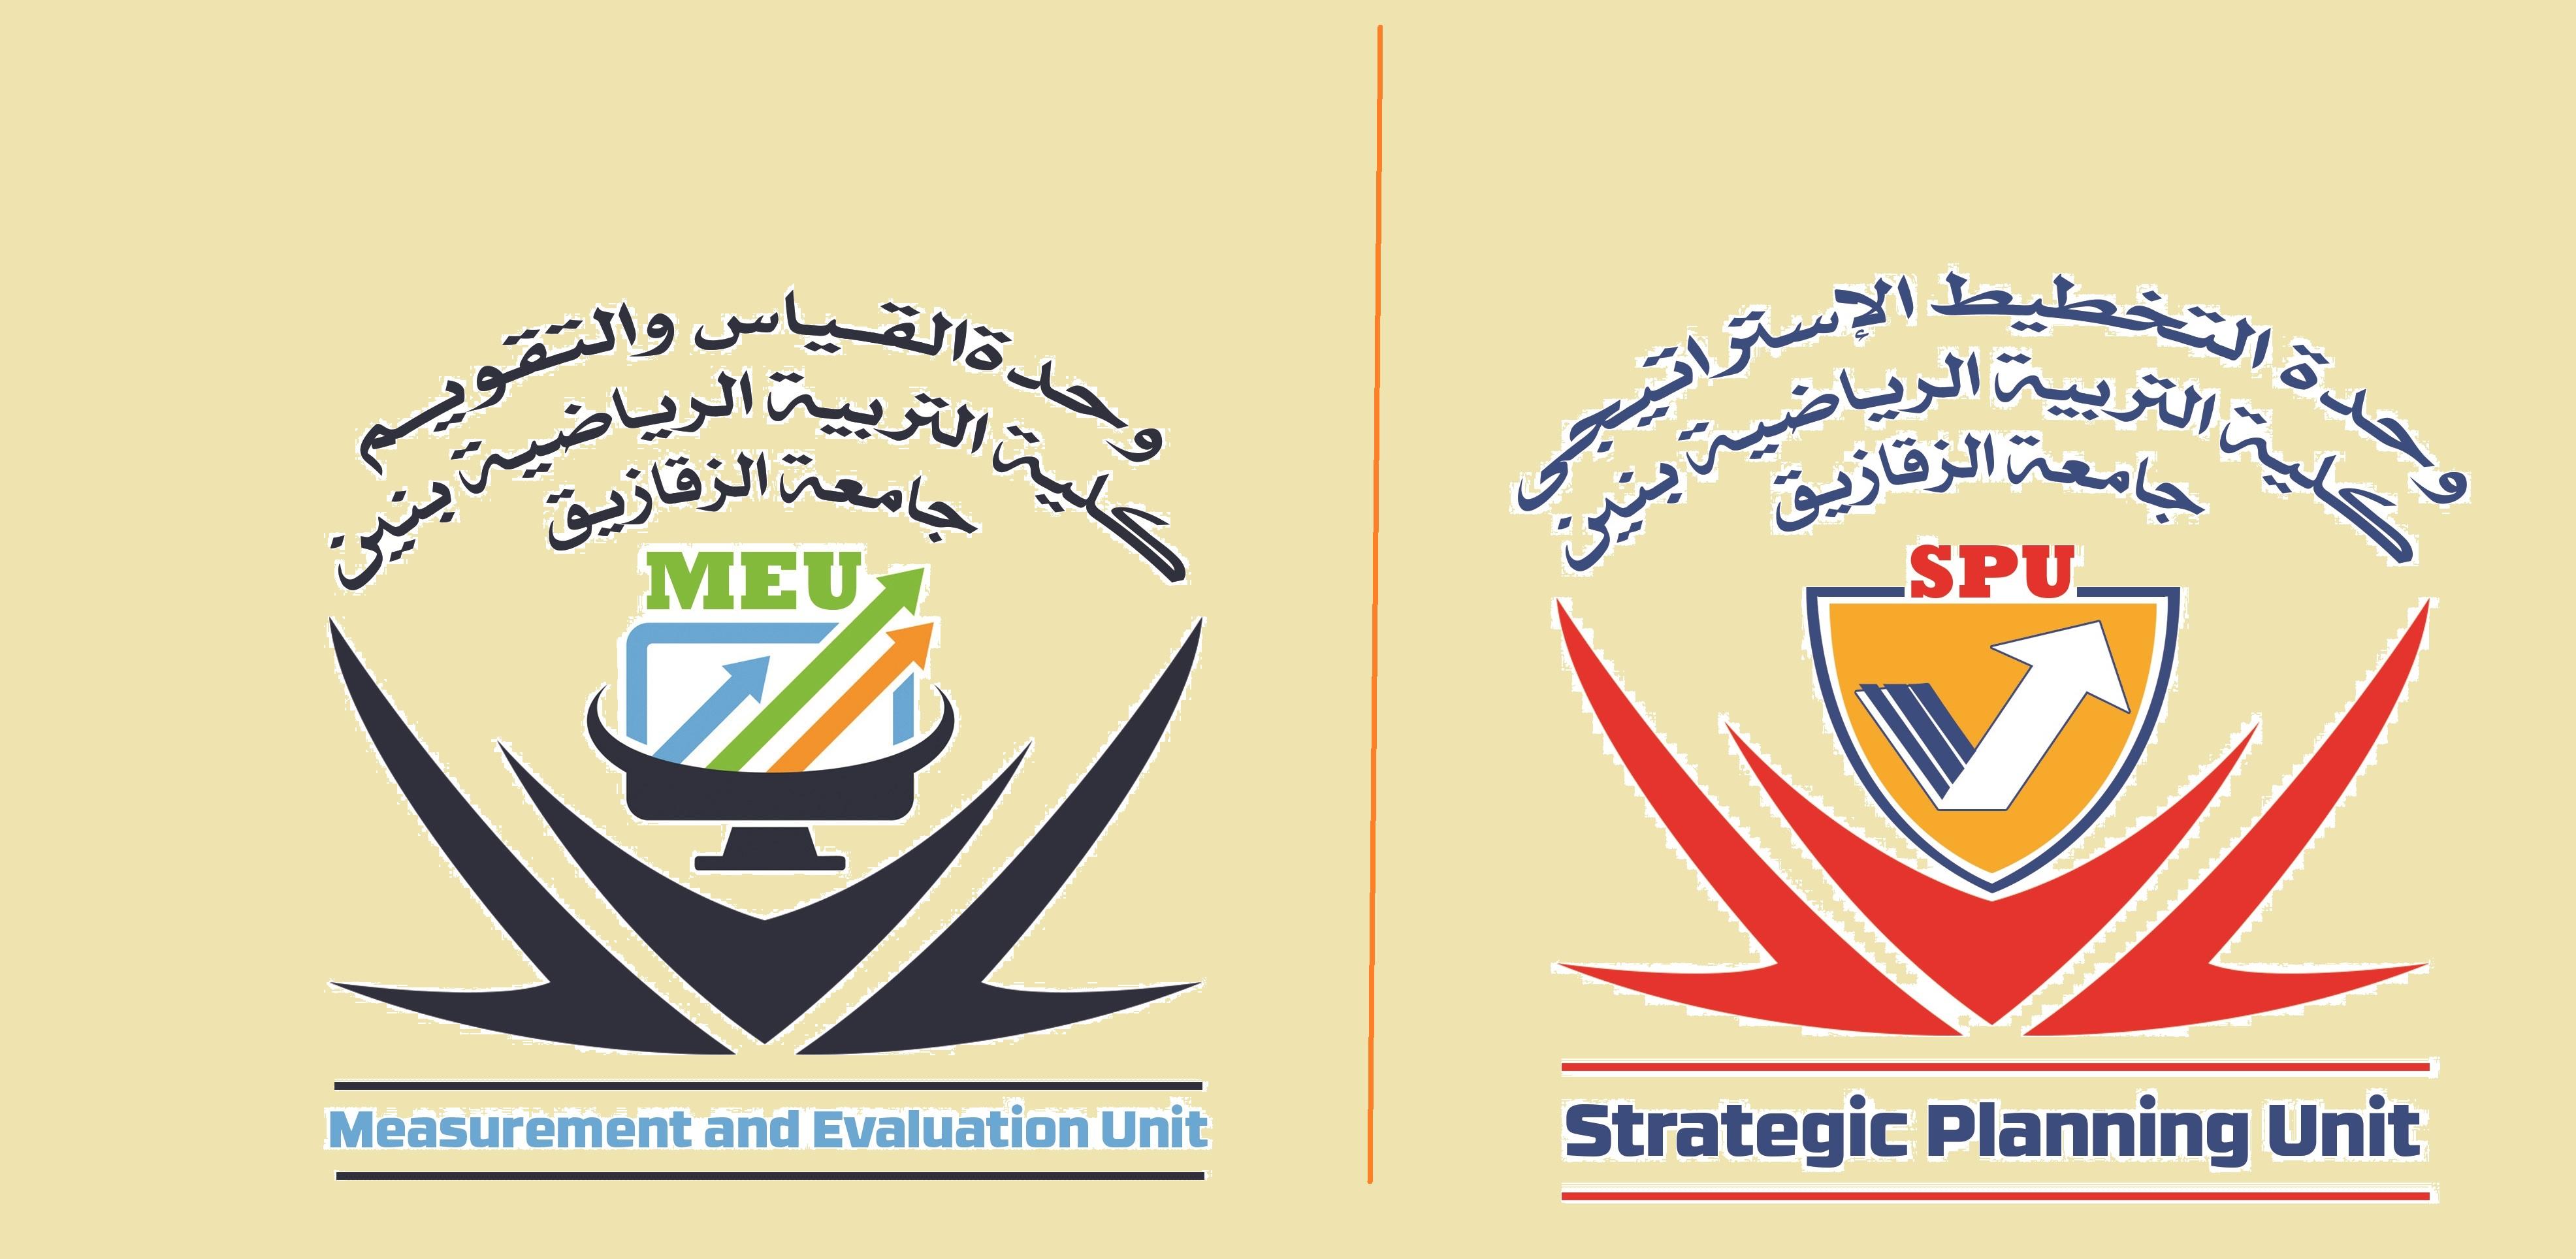 وحدة القياس والتقويم ووحدة التخطيط الاستراتيجى